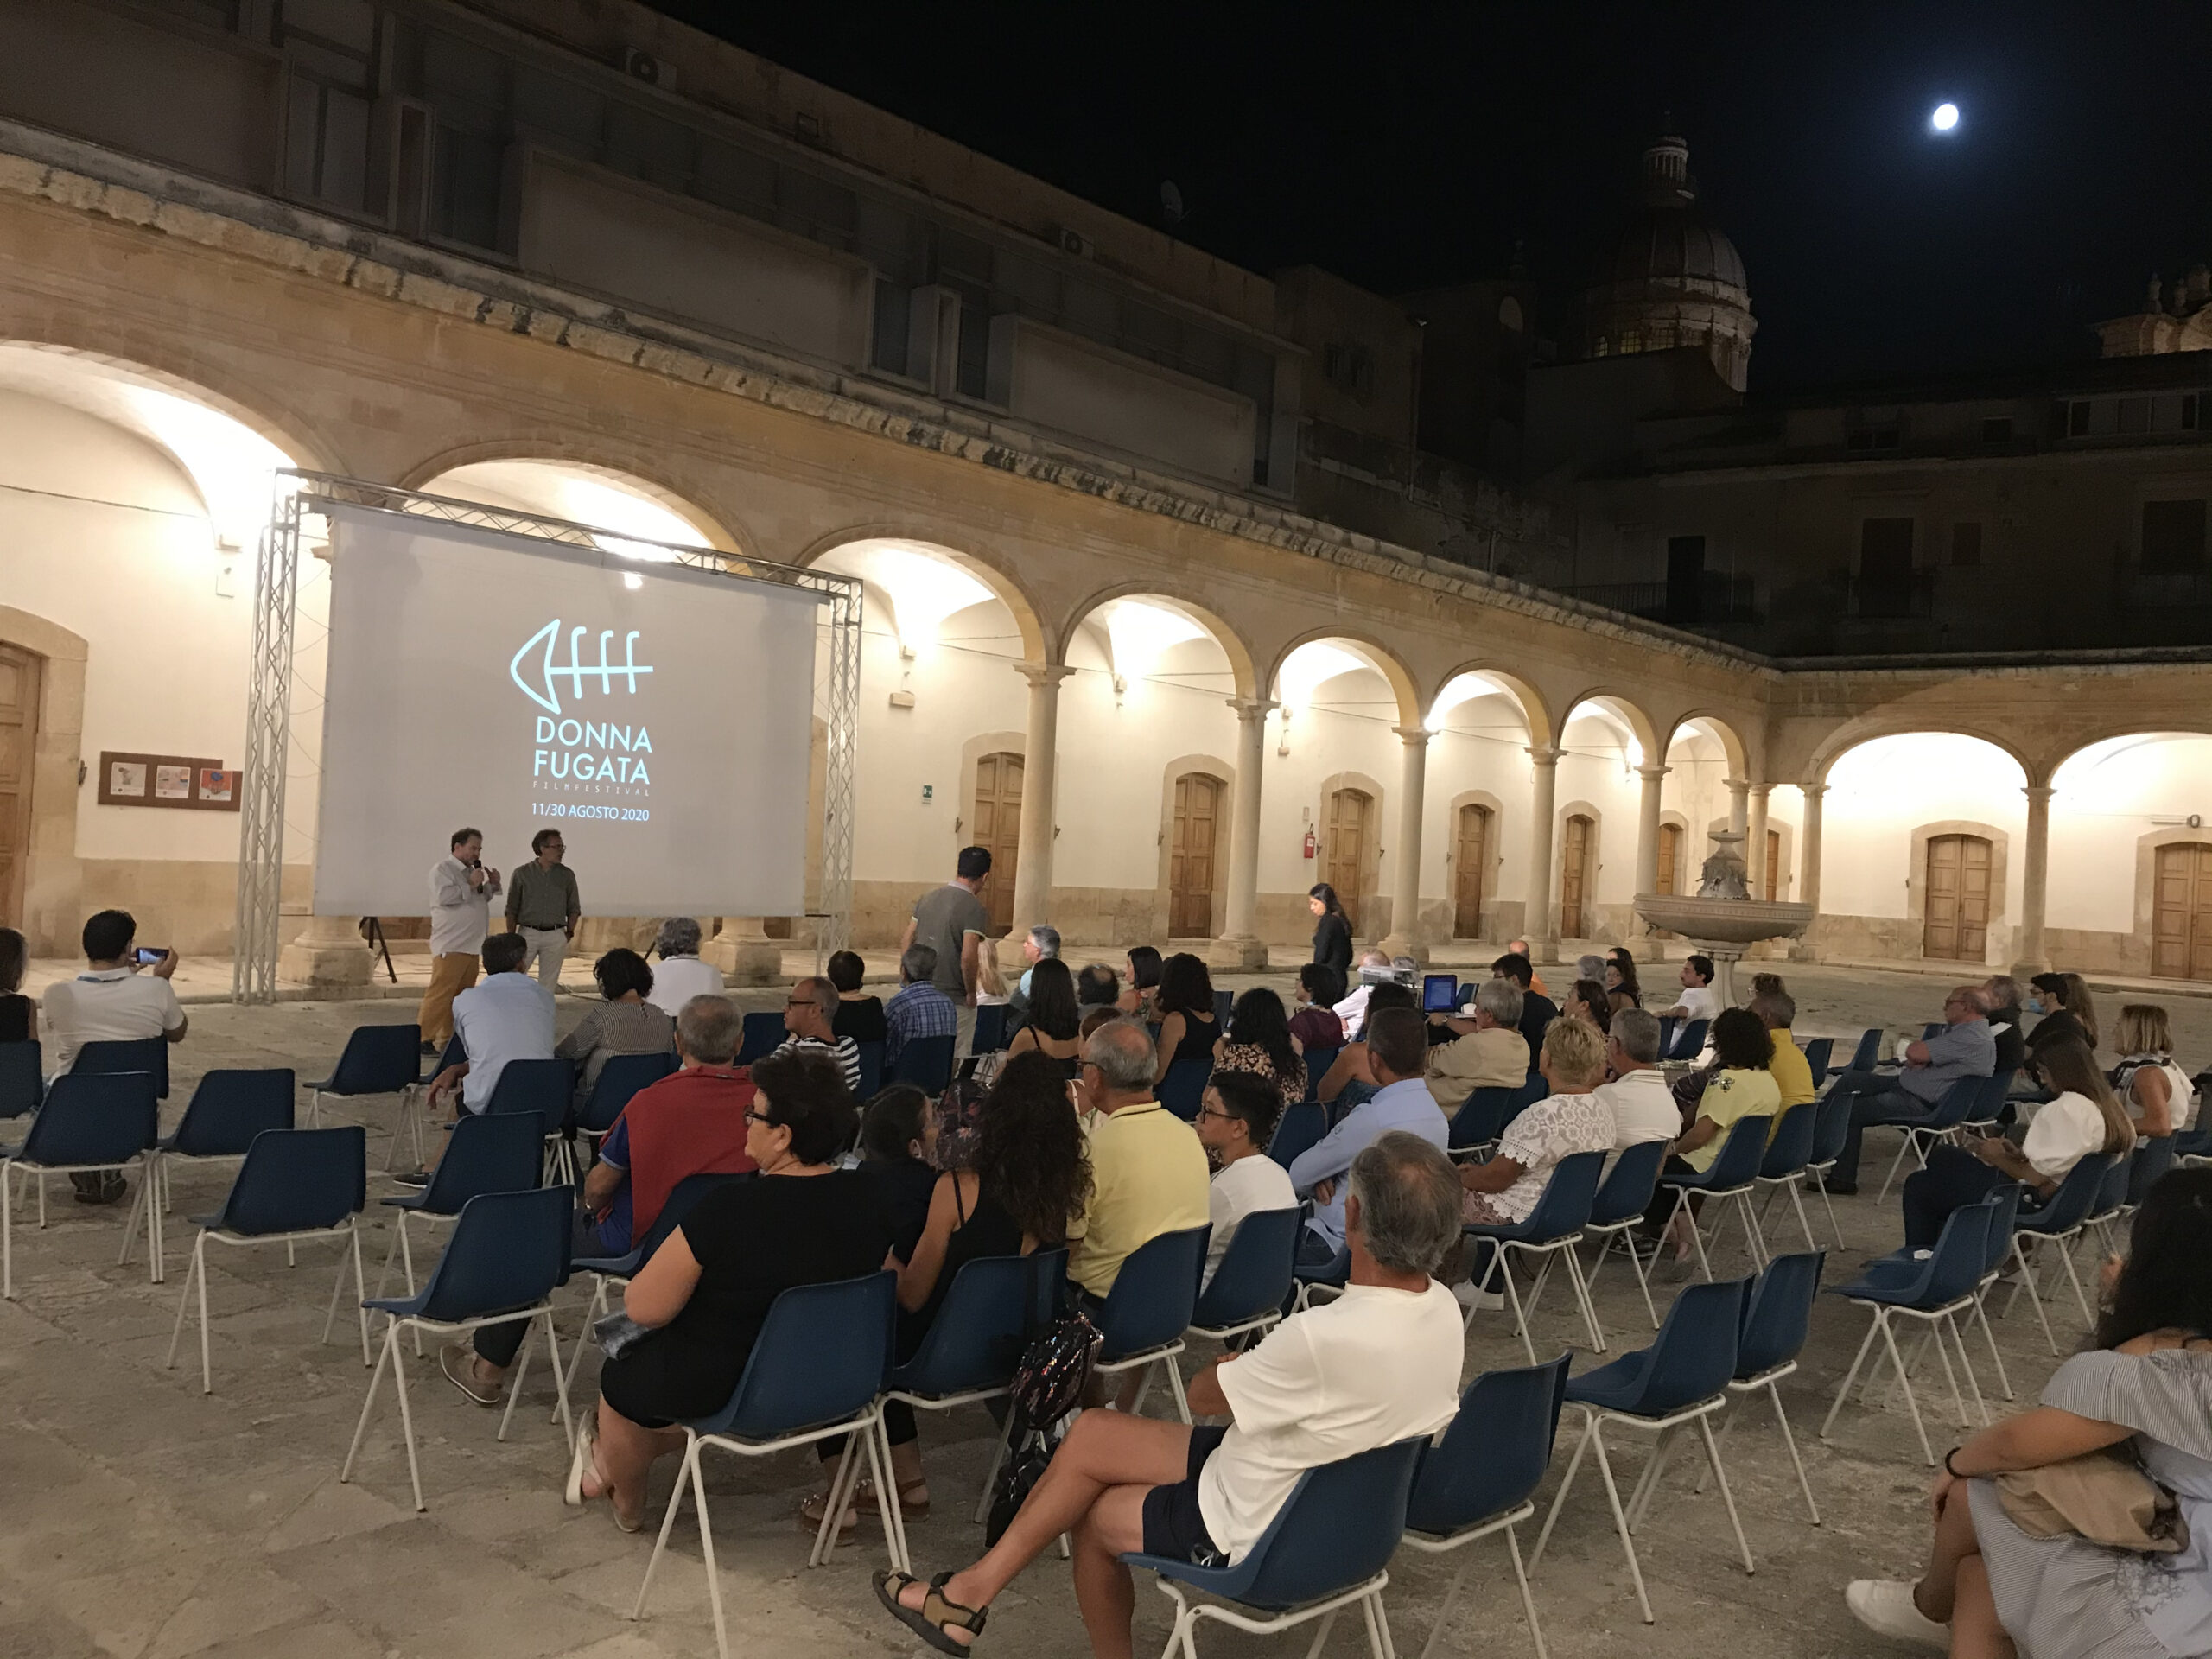 Il pubblico dell'Arena tra le Cupole alla Fondazione Bufalino di Comiso